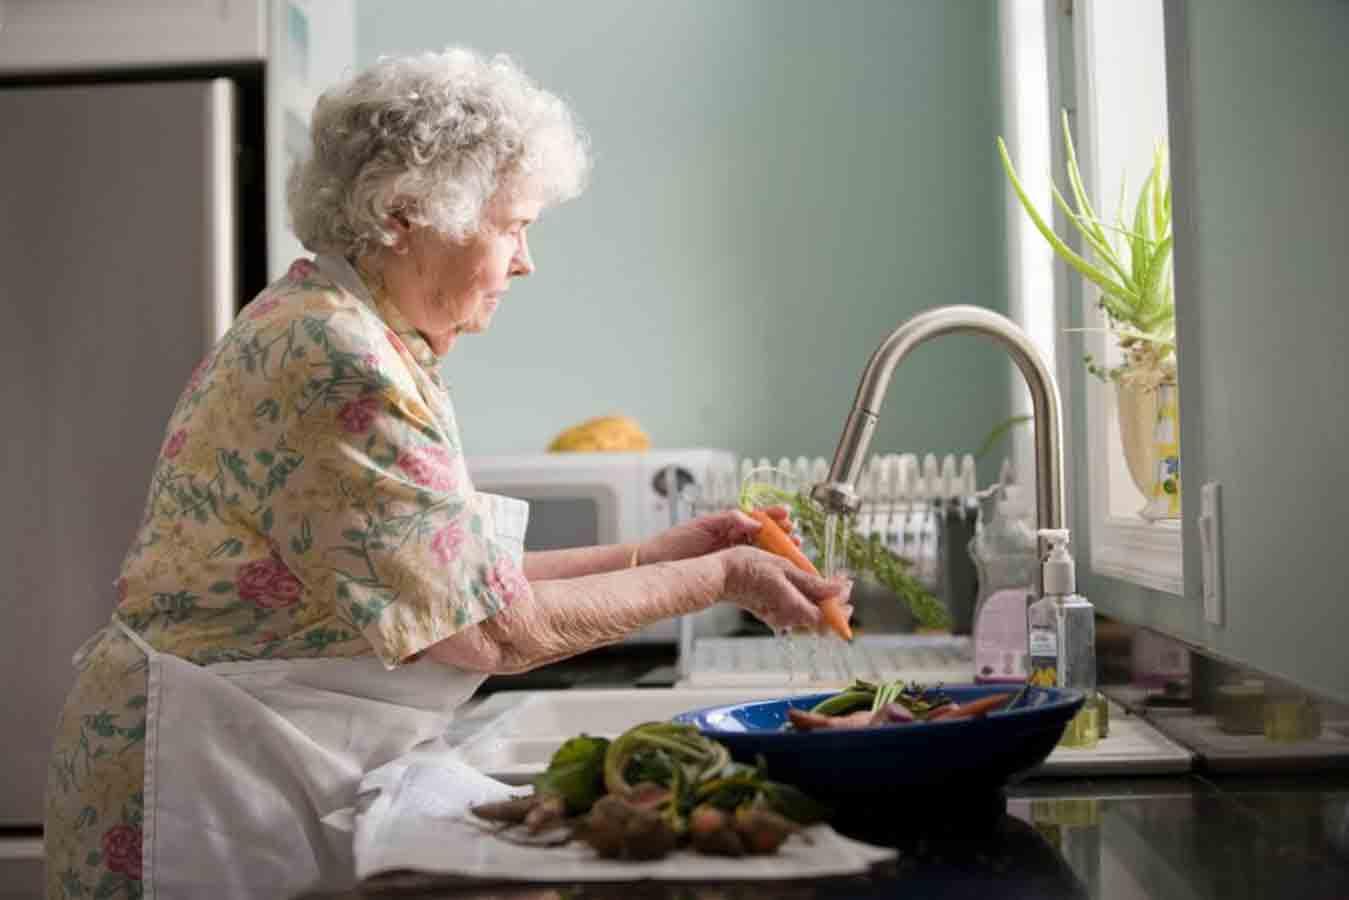 غذاهای مفید برای سالمندان | مرکز خدمات پرستاری پارسیان مهرپرور